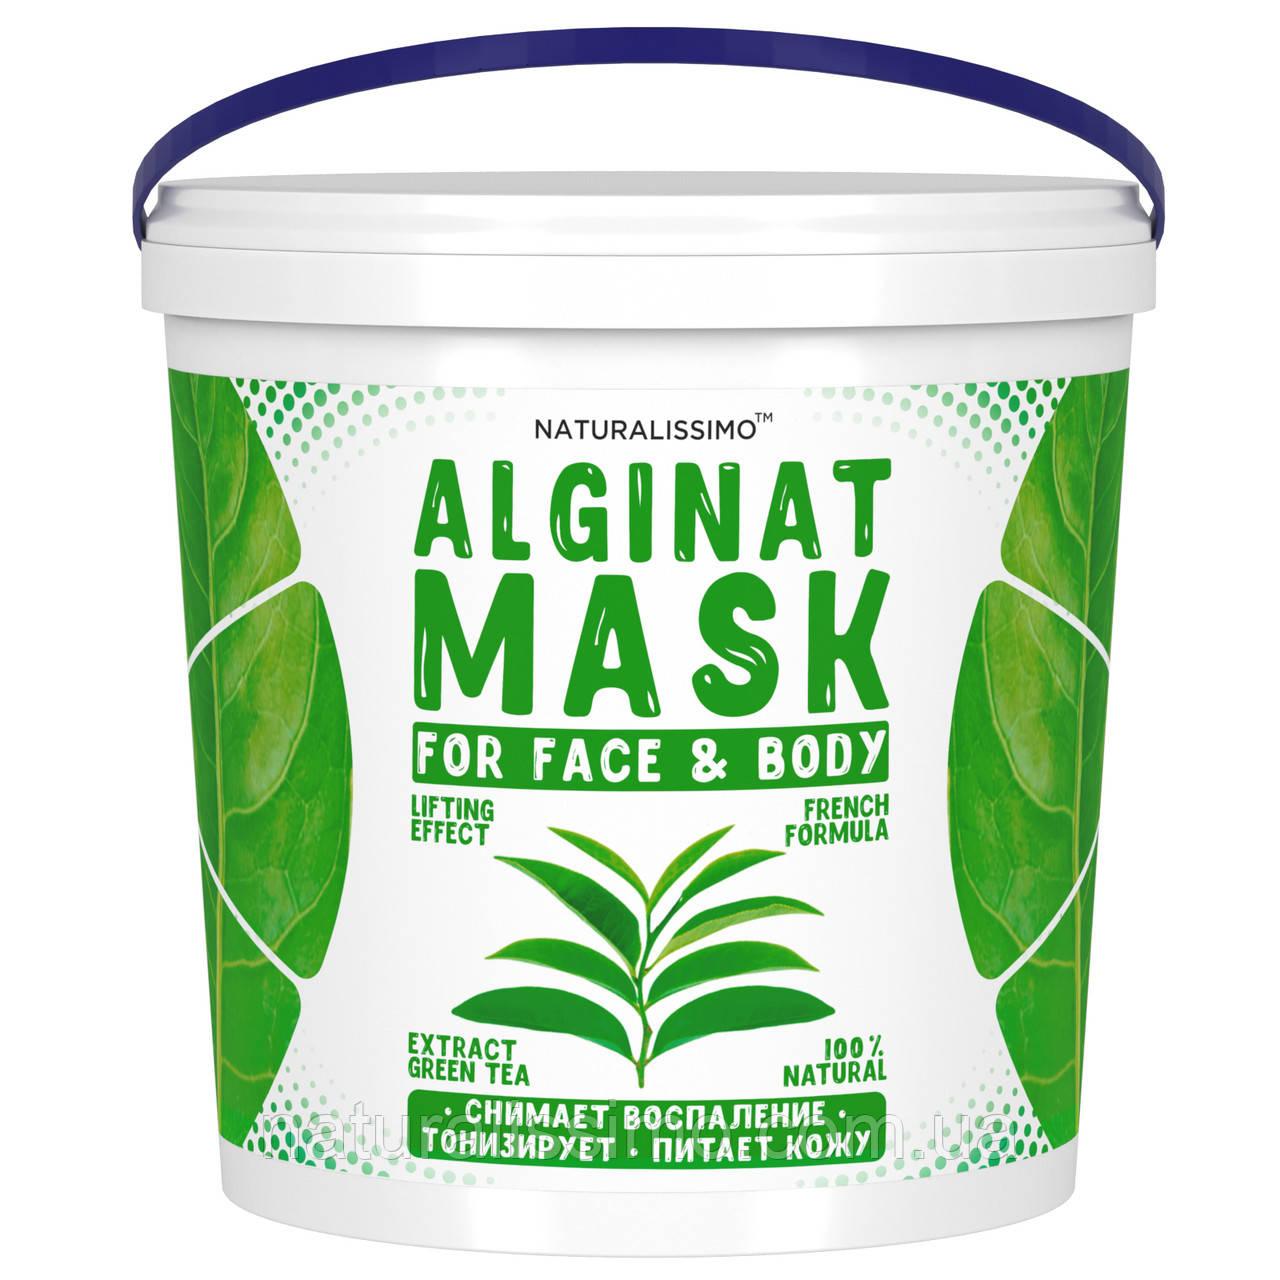 Альгинатная маска Матирует и успокаивает кожу, снимает отечность, с зеленым чаем, 1000 г